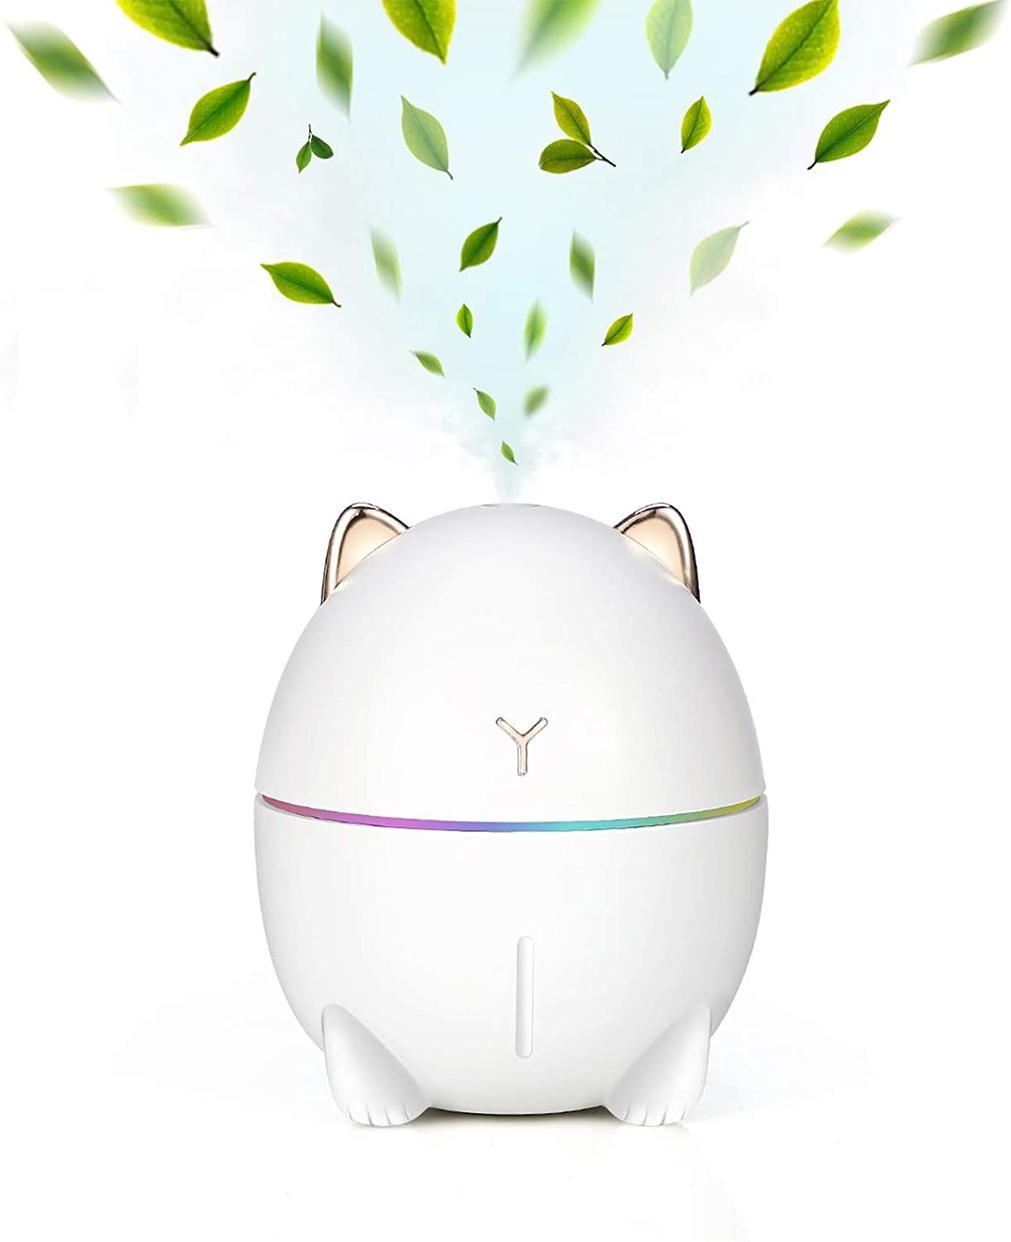 Adoric(アドリック) ネコ加湿器の商品画像